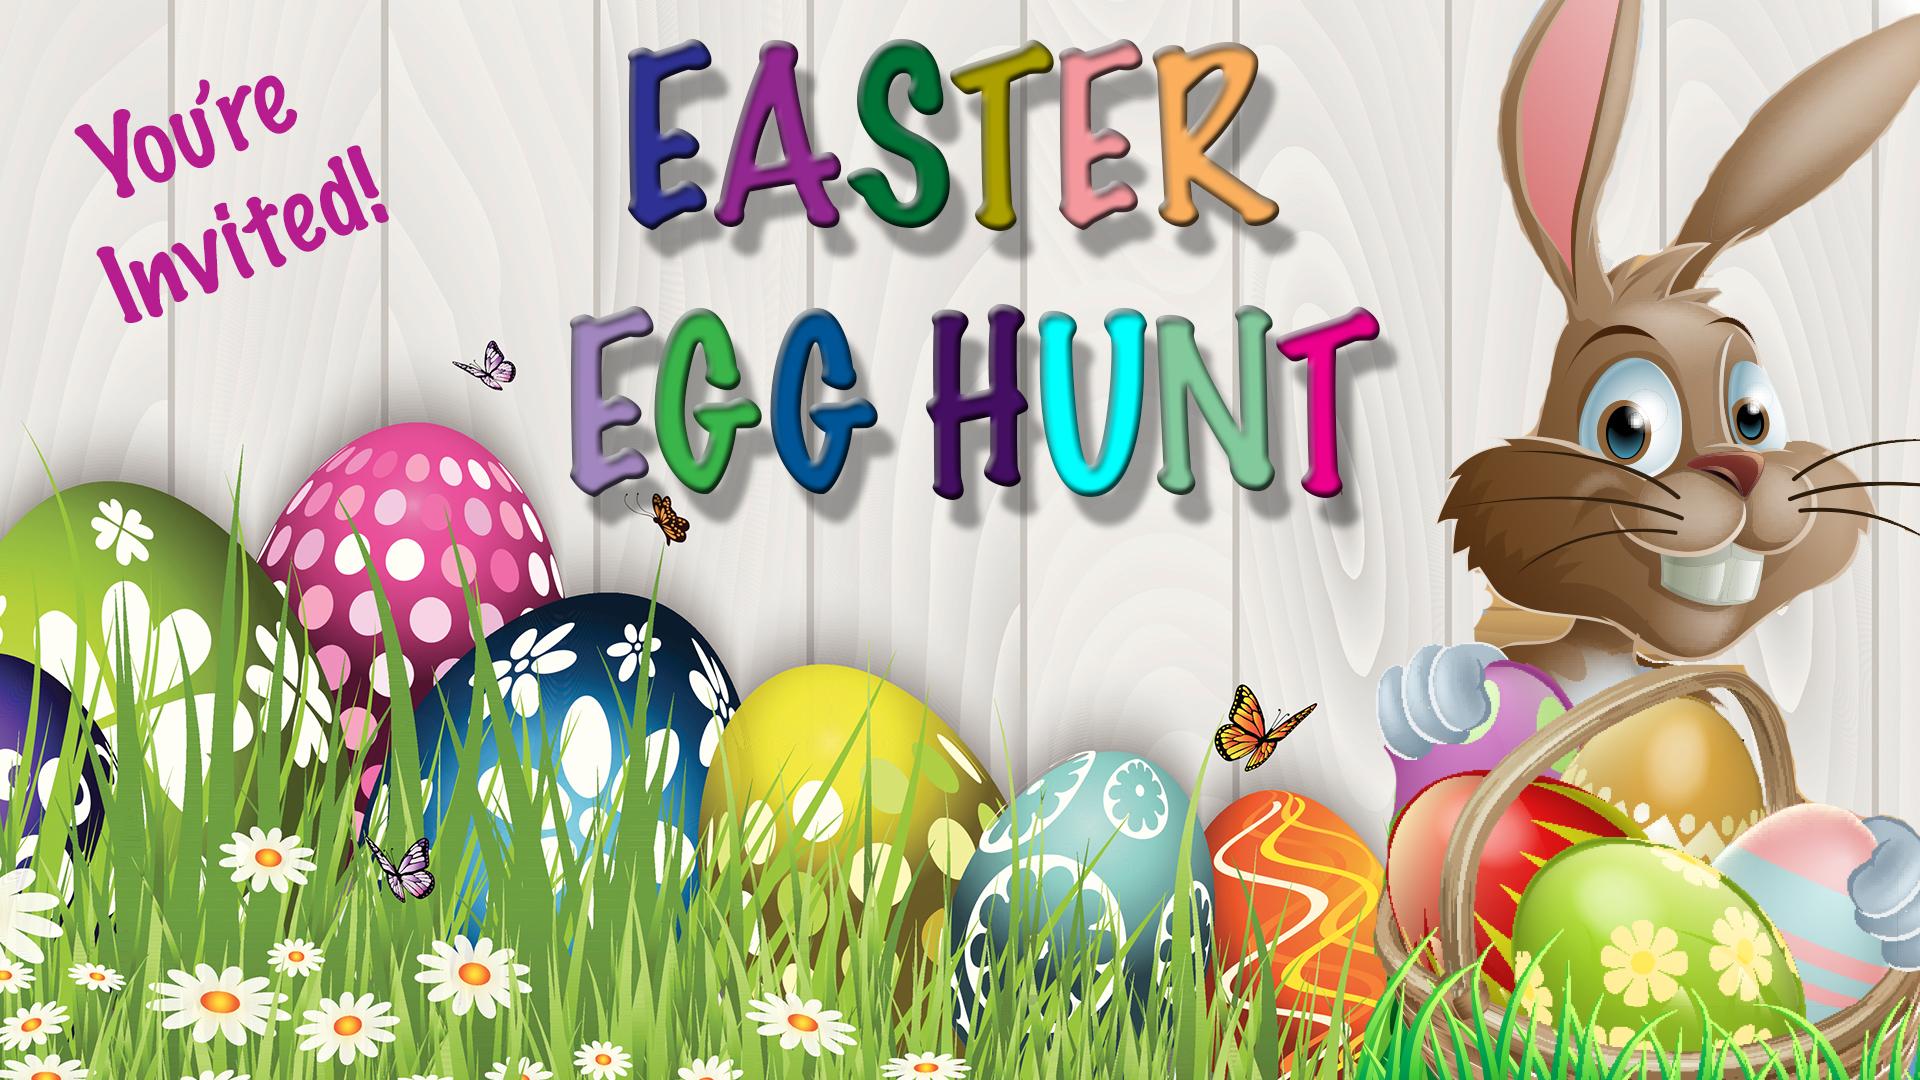 Easter egg hunt Stokenham Pre school 1920x1080